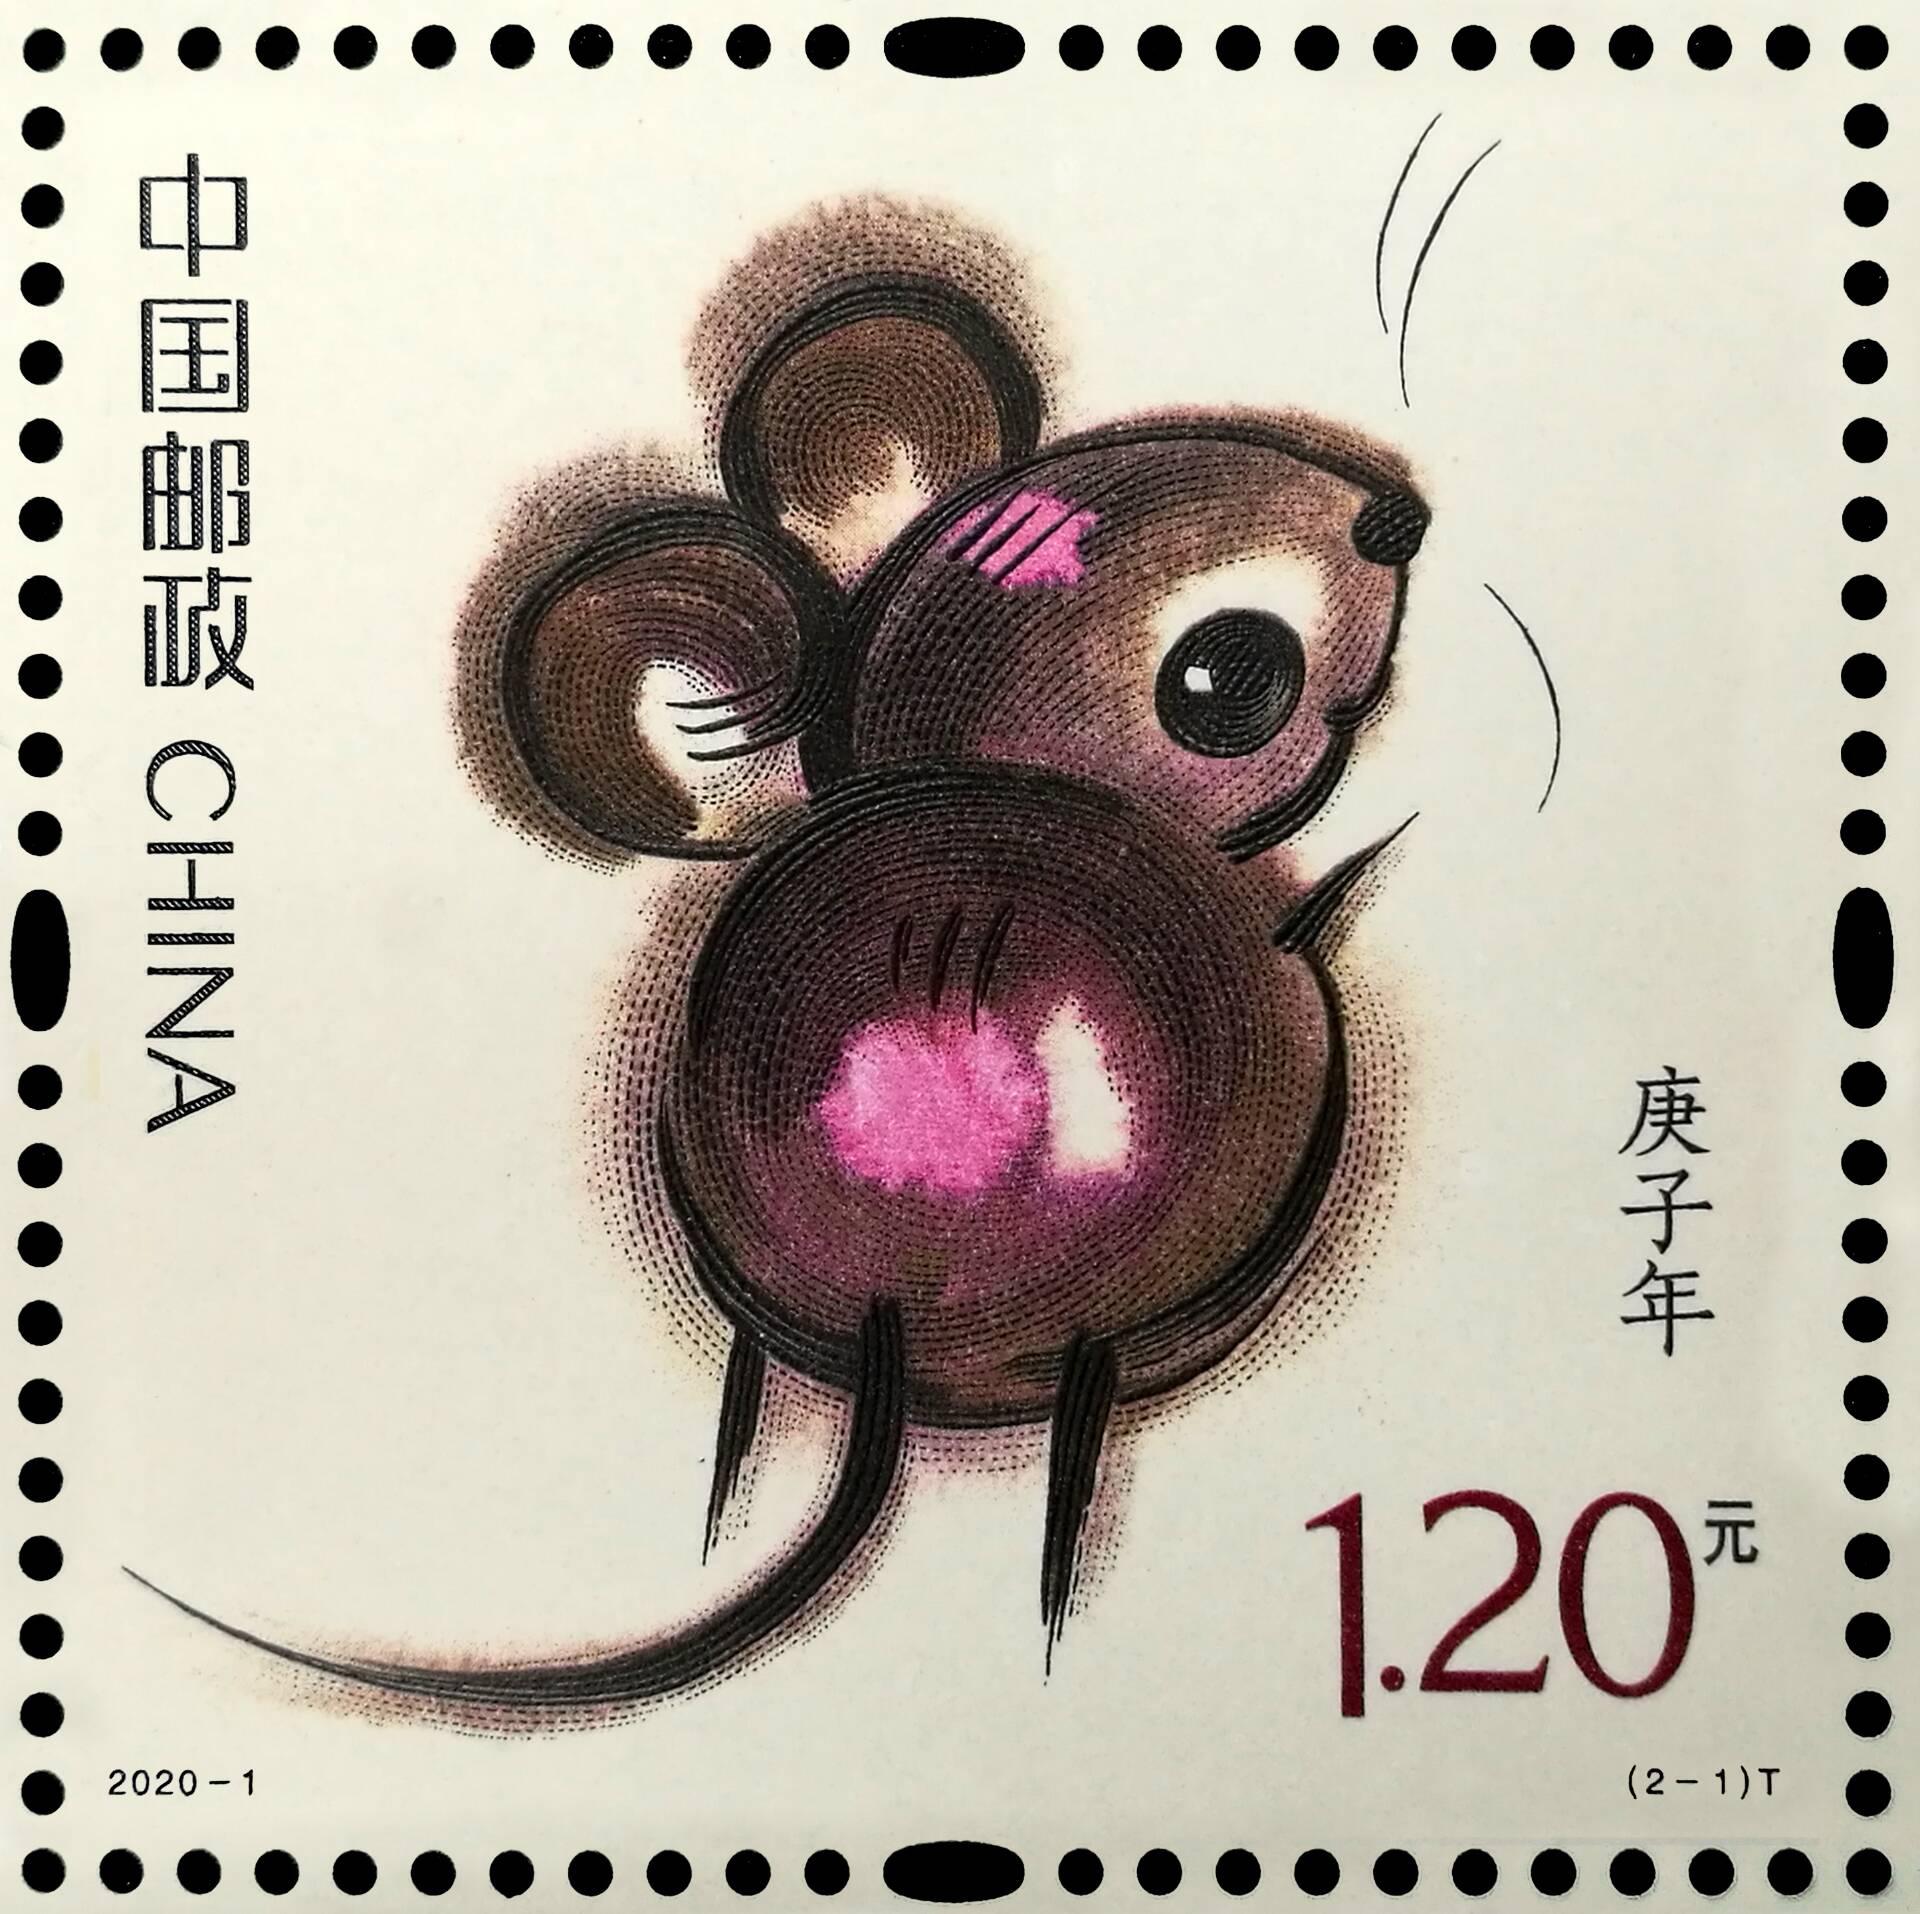 庚子年 邮票.jpg